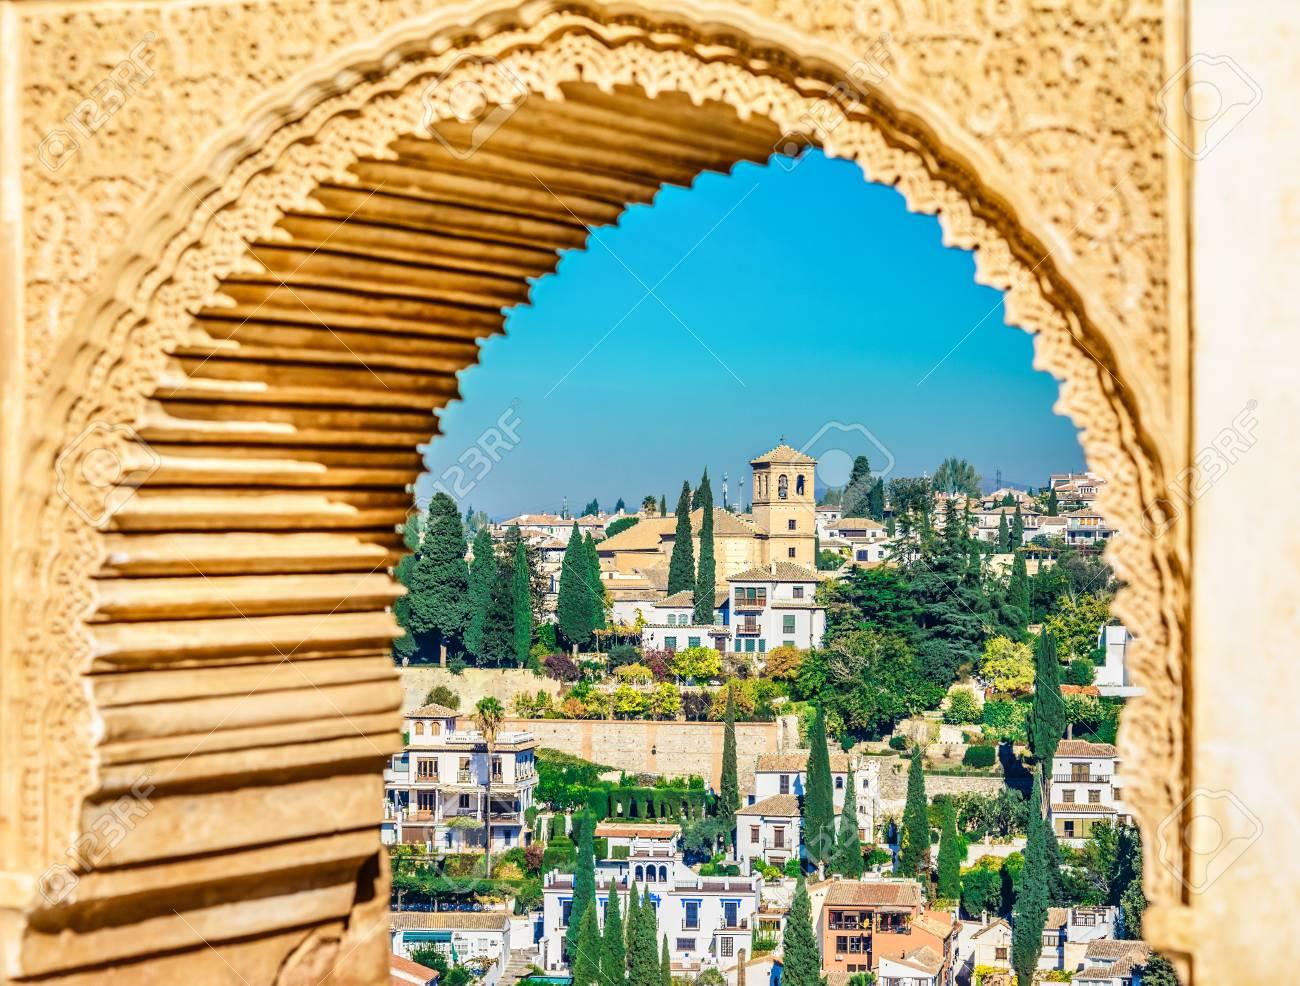 Granada, Spain - Albaicin Moorish medieval quarter, traditional